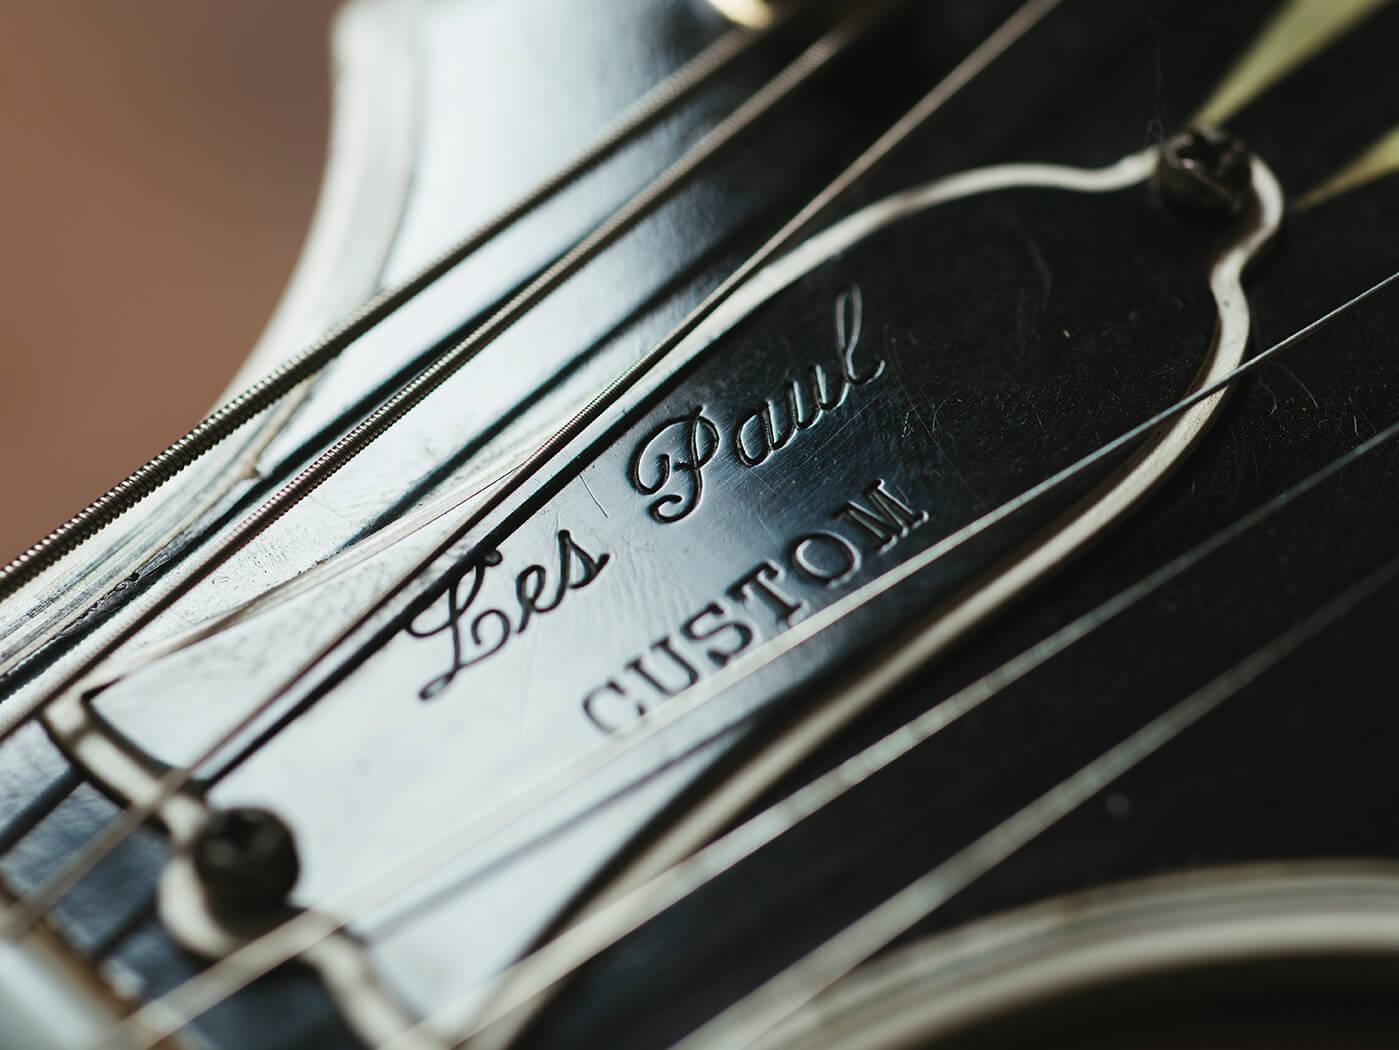 Kossoff Clapton Les Paul